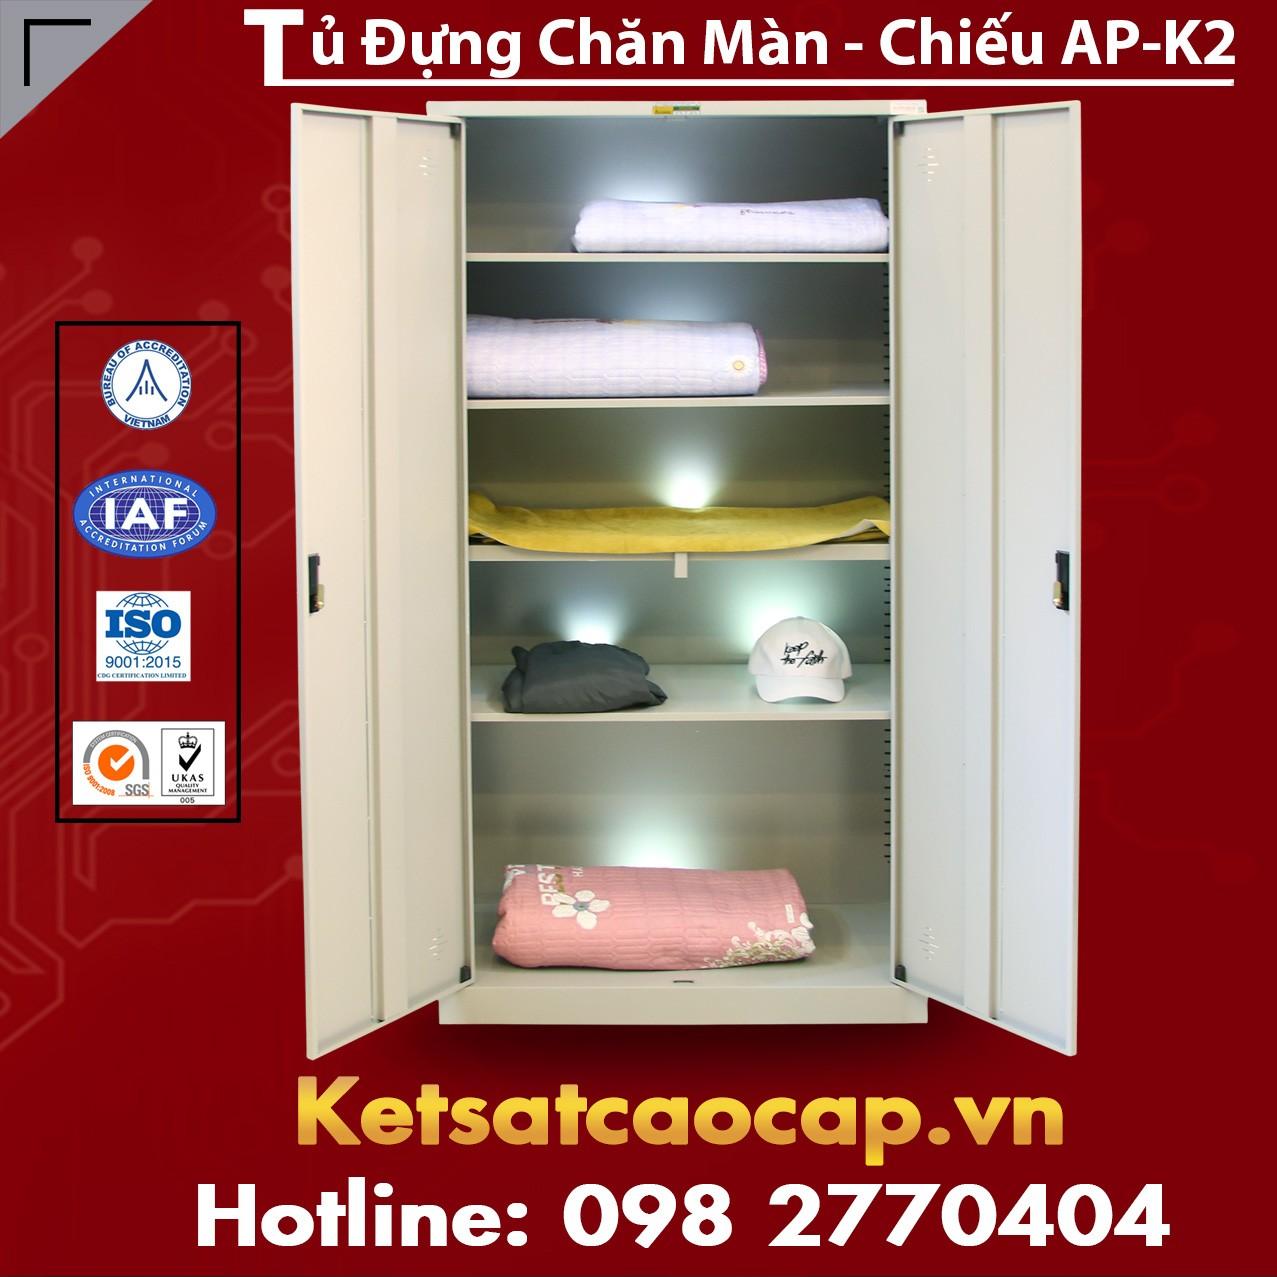 Tủ Đựng Chăn Màn Chiếu K2